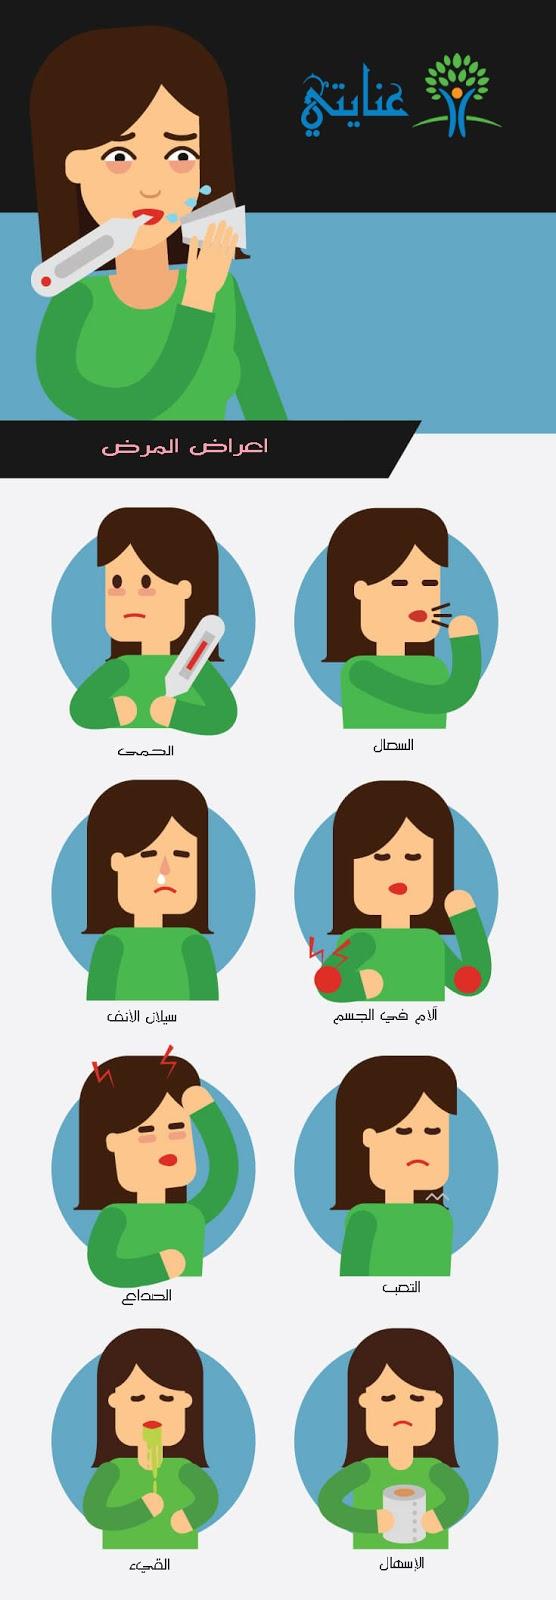 اعراض-الانفلونزا